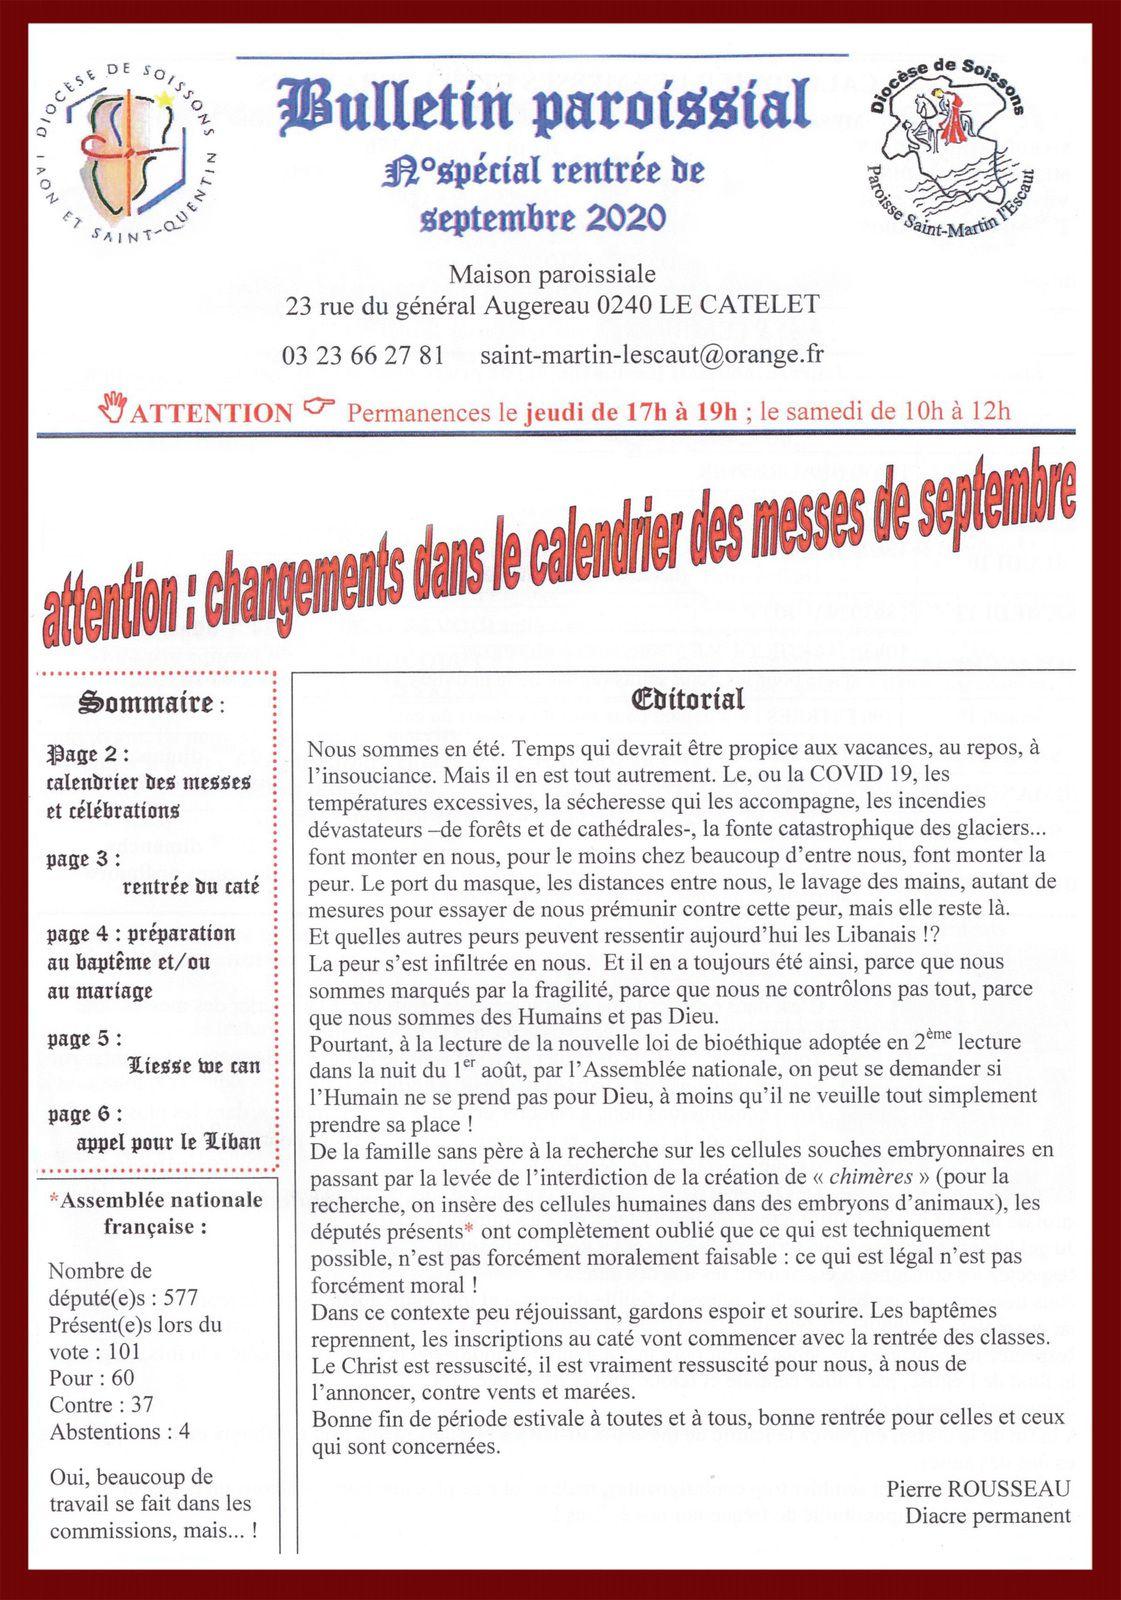 Bulletin Paroissial n° spécial rentrée septembre 2020.